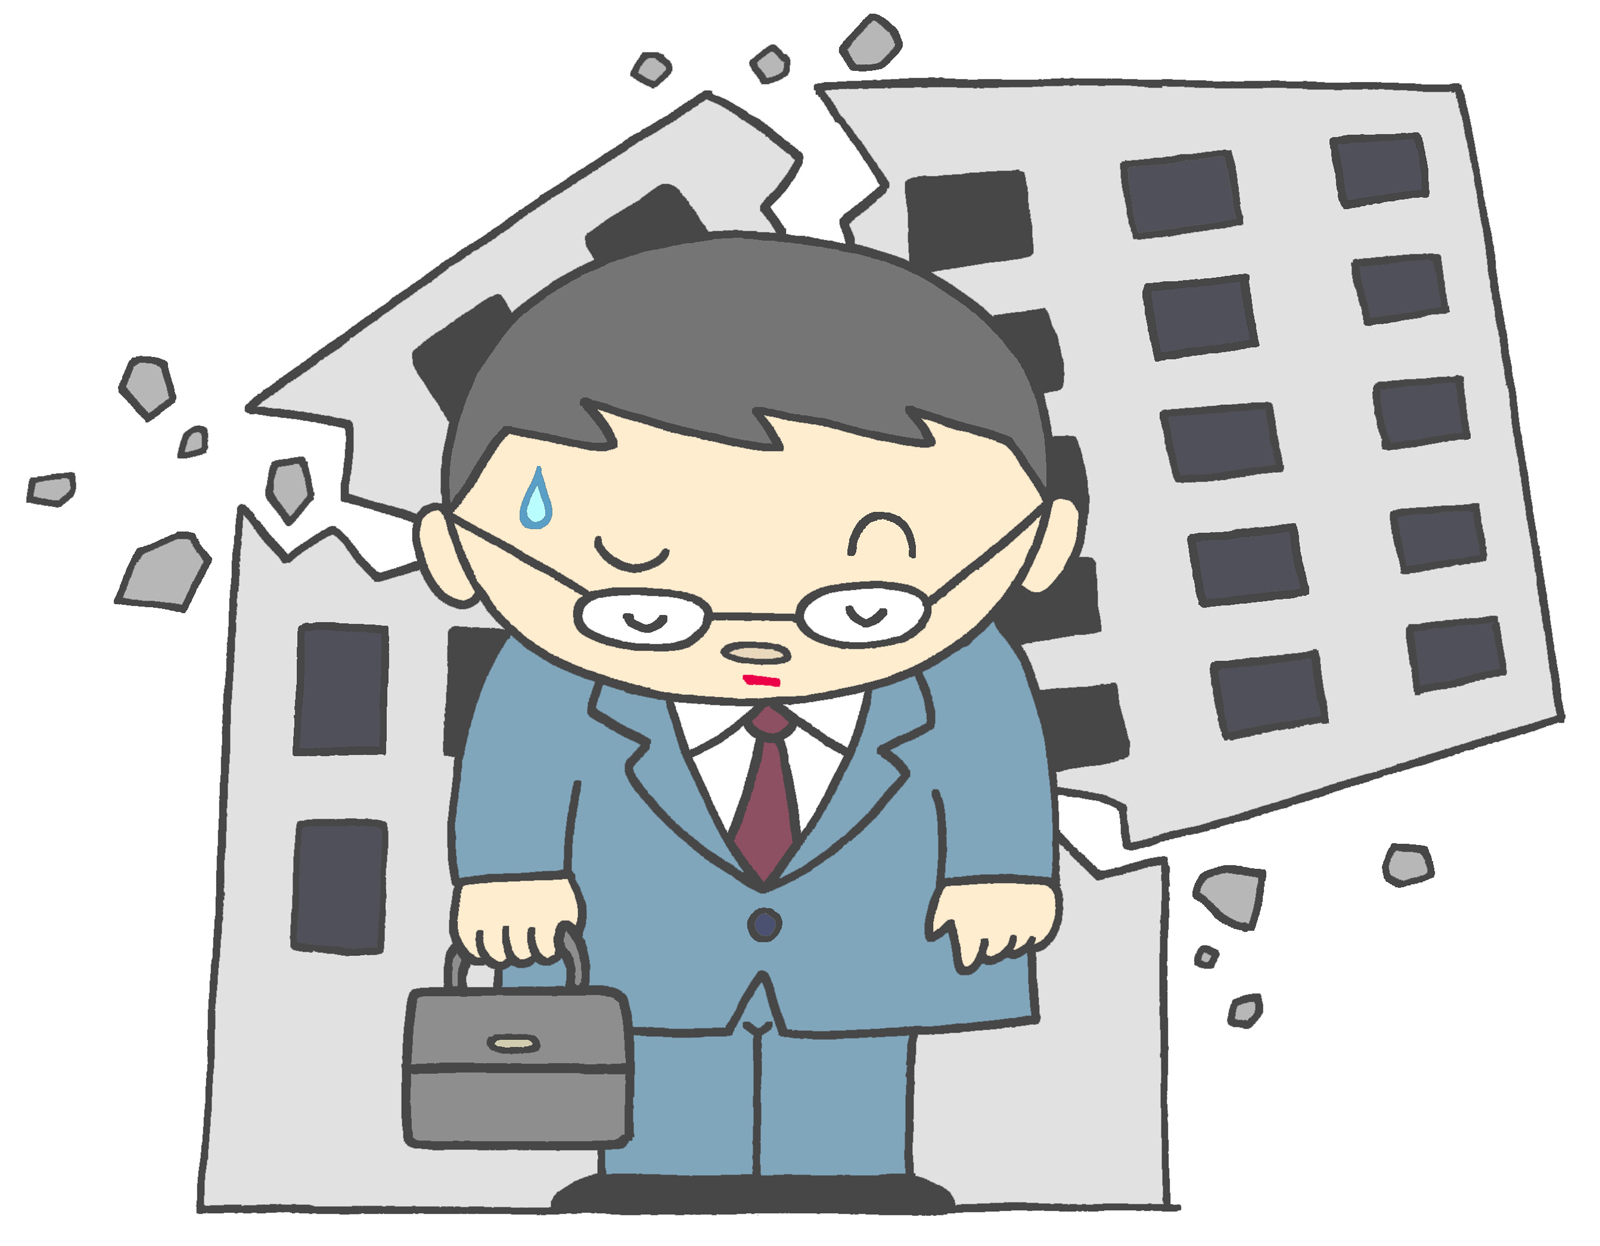 倒産する会社の6つ特徴とは。1日23件倒産している現実がある